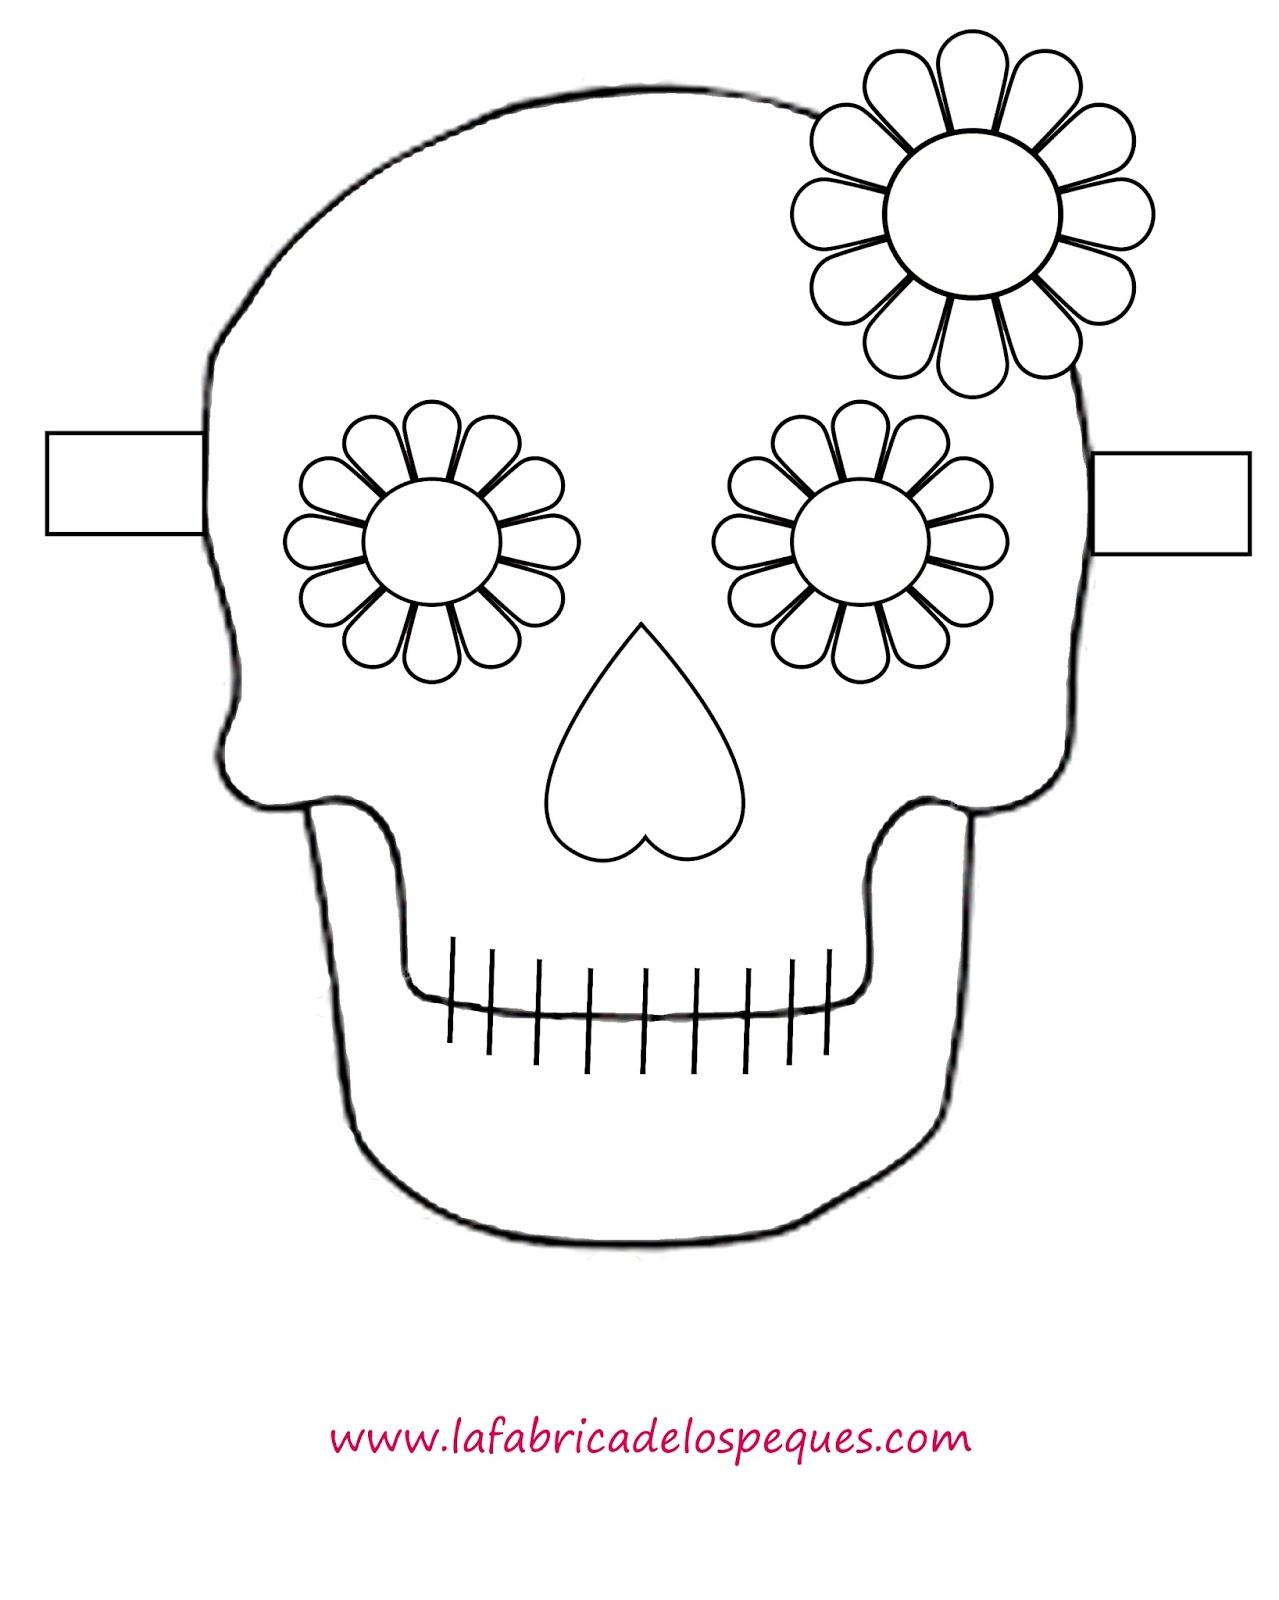 Plantillas e imprimibles gratis para Halloween: calaveras, calabazas ...